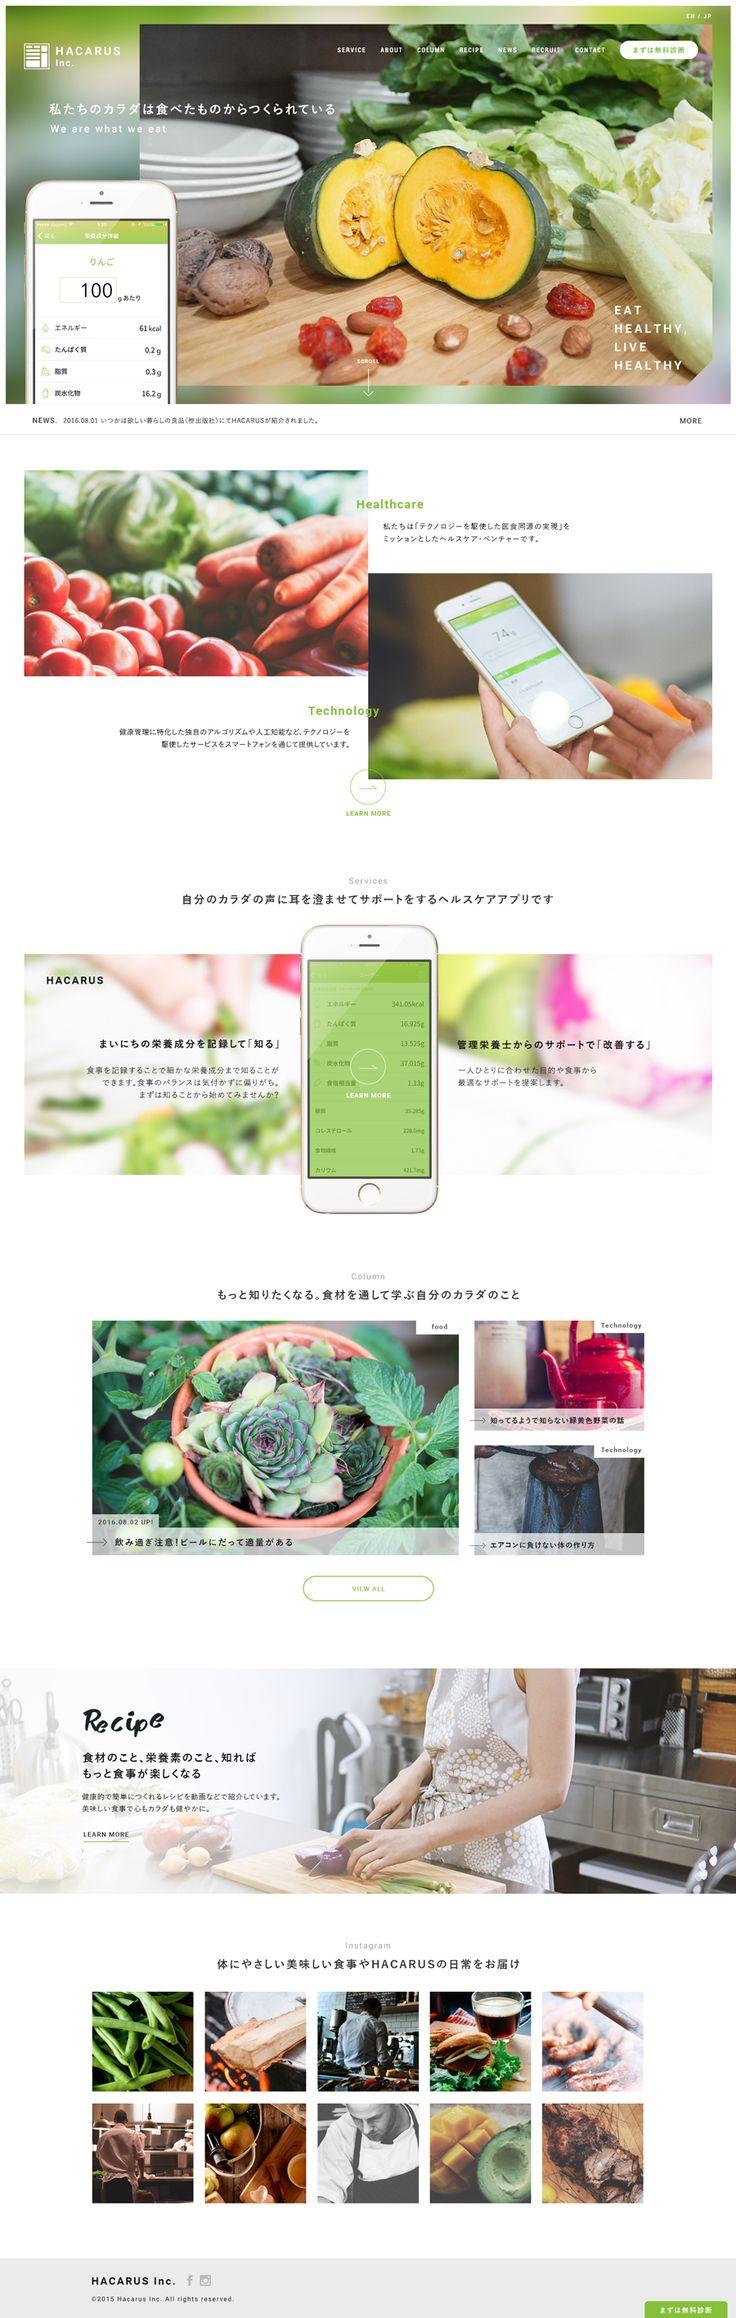 Hacarus Inc. #Webデザイン #Design